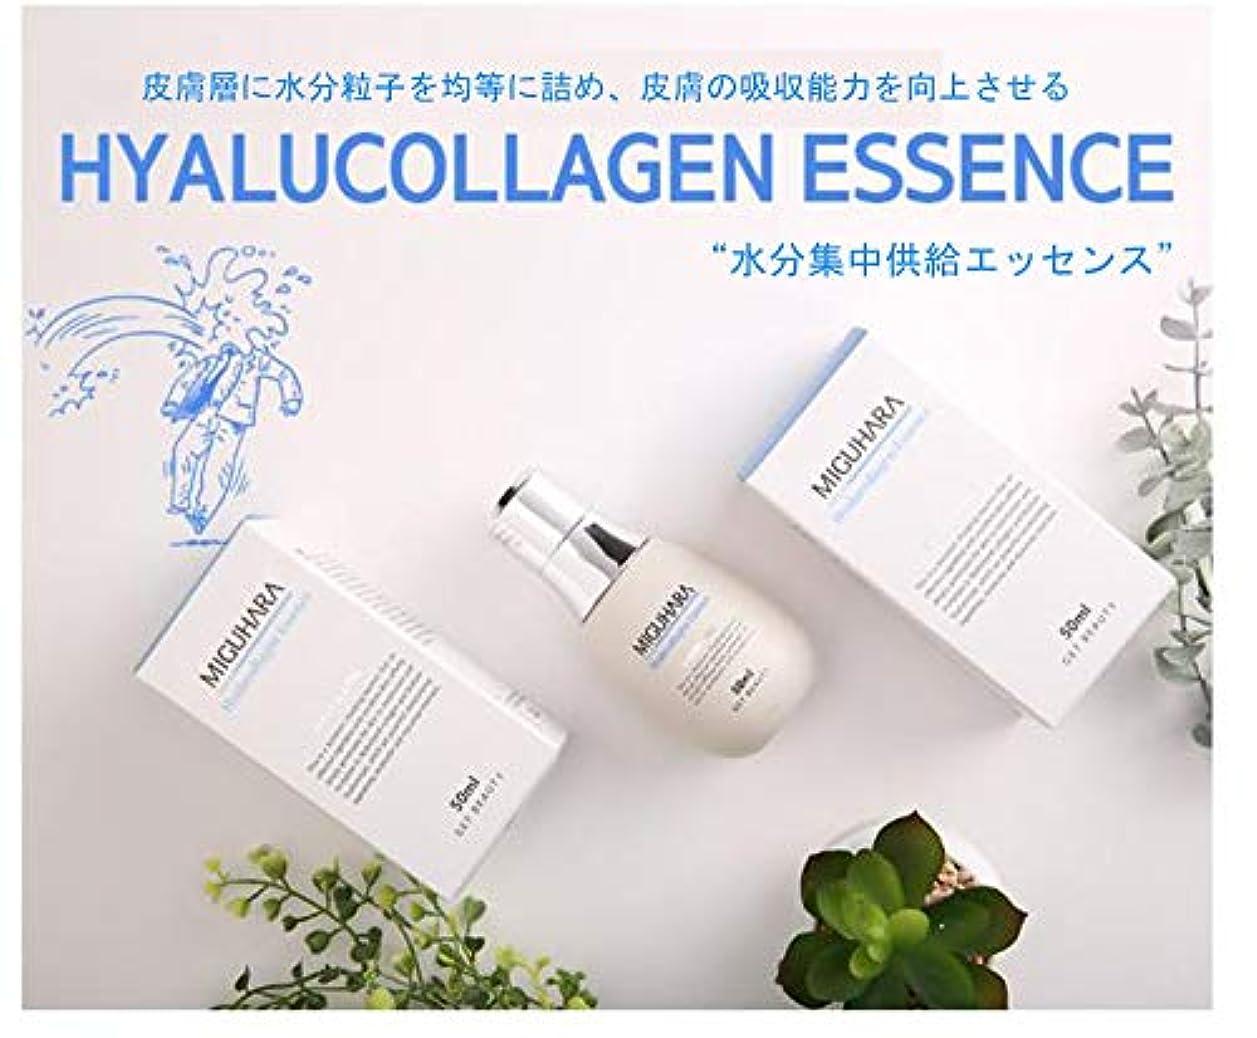 偶然勘違いするバイバイMIGUHARA Hyalucollagen Essence 50ml /ヒアルロンコラーゲンエッセンス 50ml